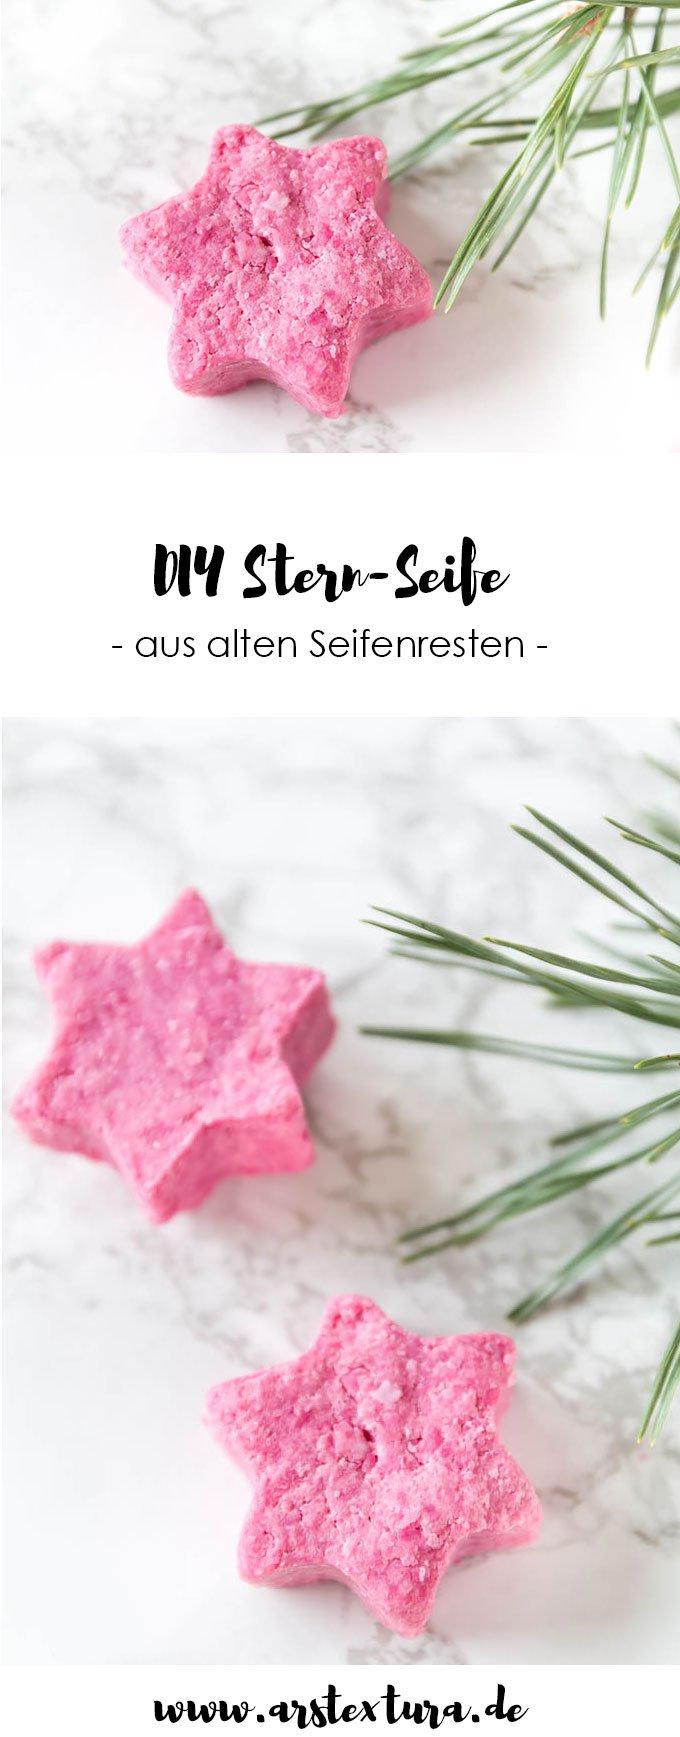 Seife selber machen | ein schönes DIY Geschenk zu Weihnachten oder zum Muttertag | #diy #diygeschenk #weihnachten